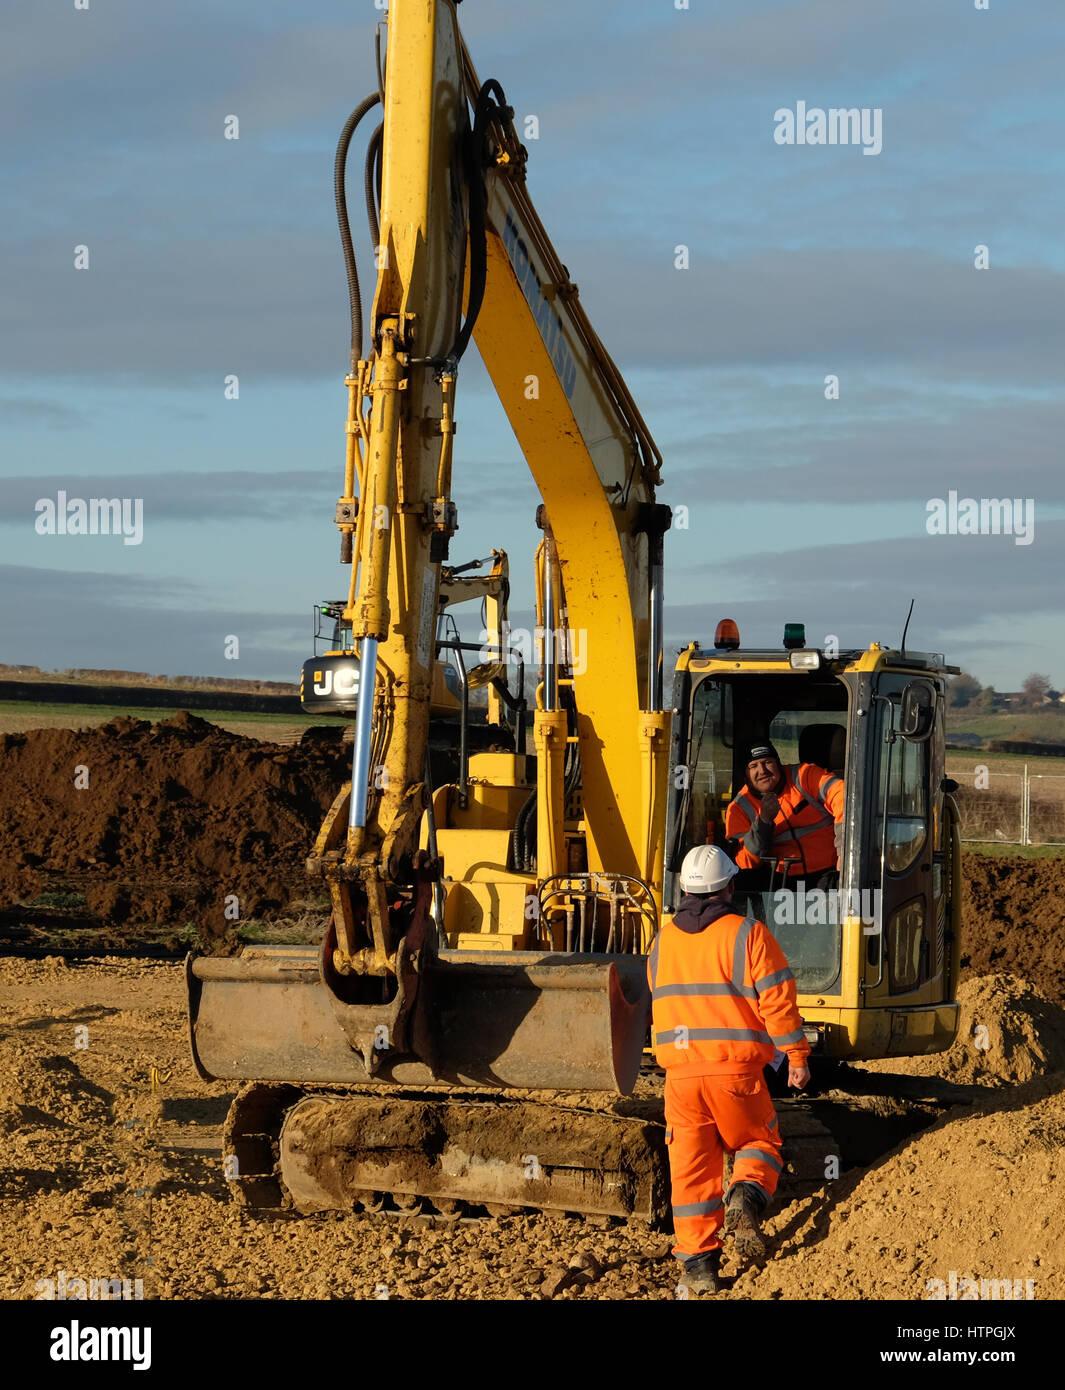 Schwere Maschinen in die Vorbereitung der Flächen für den Hausbau, Grantham, Lincolnshire, England, UK. Stockbild